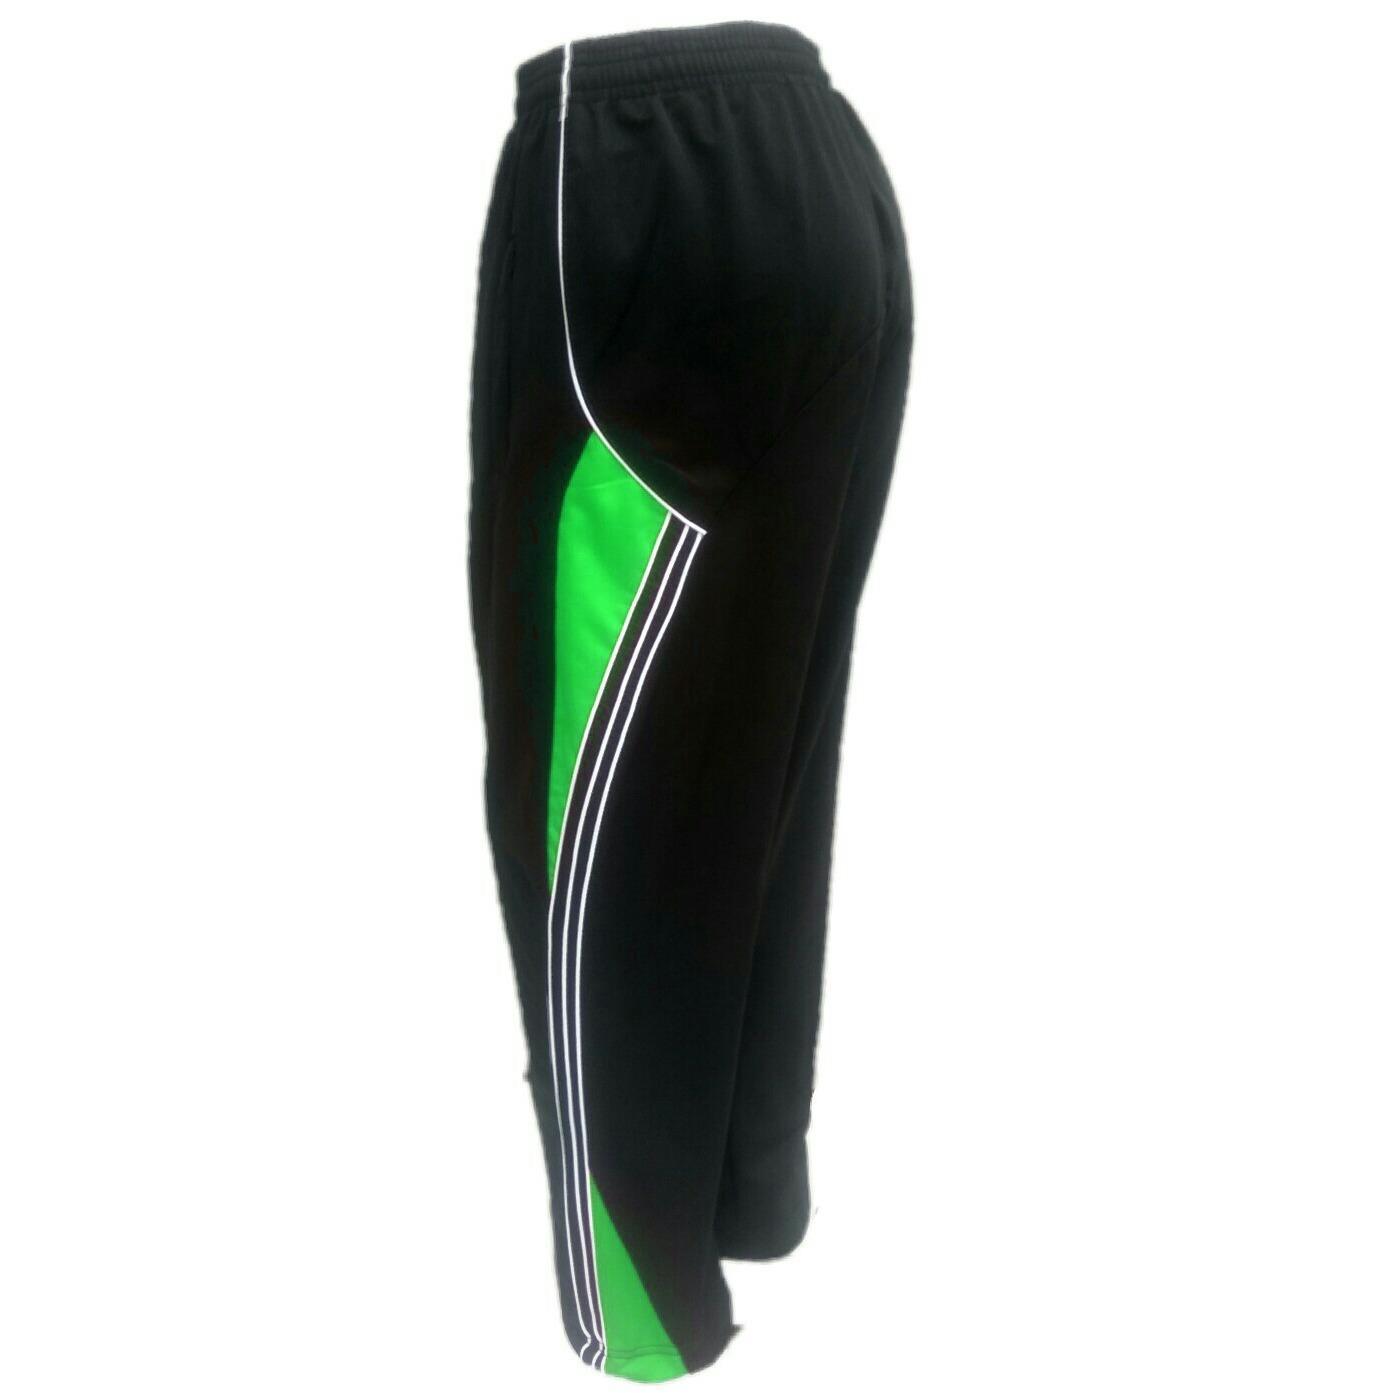 Ulasan Lengkap Tentang Arsy Sport Celana Training Celana Panjang Pria Hitam Stabilo